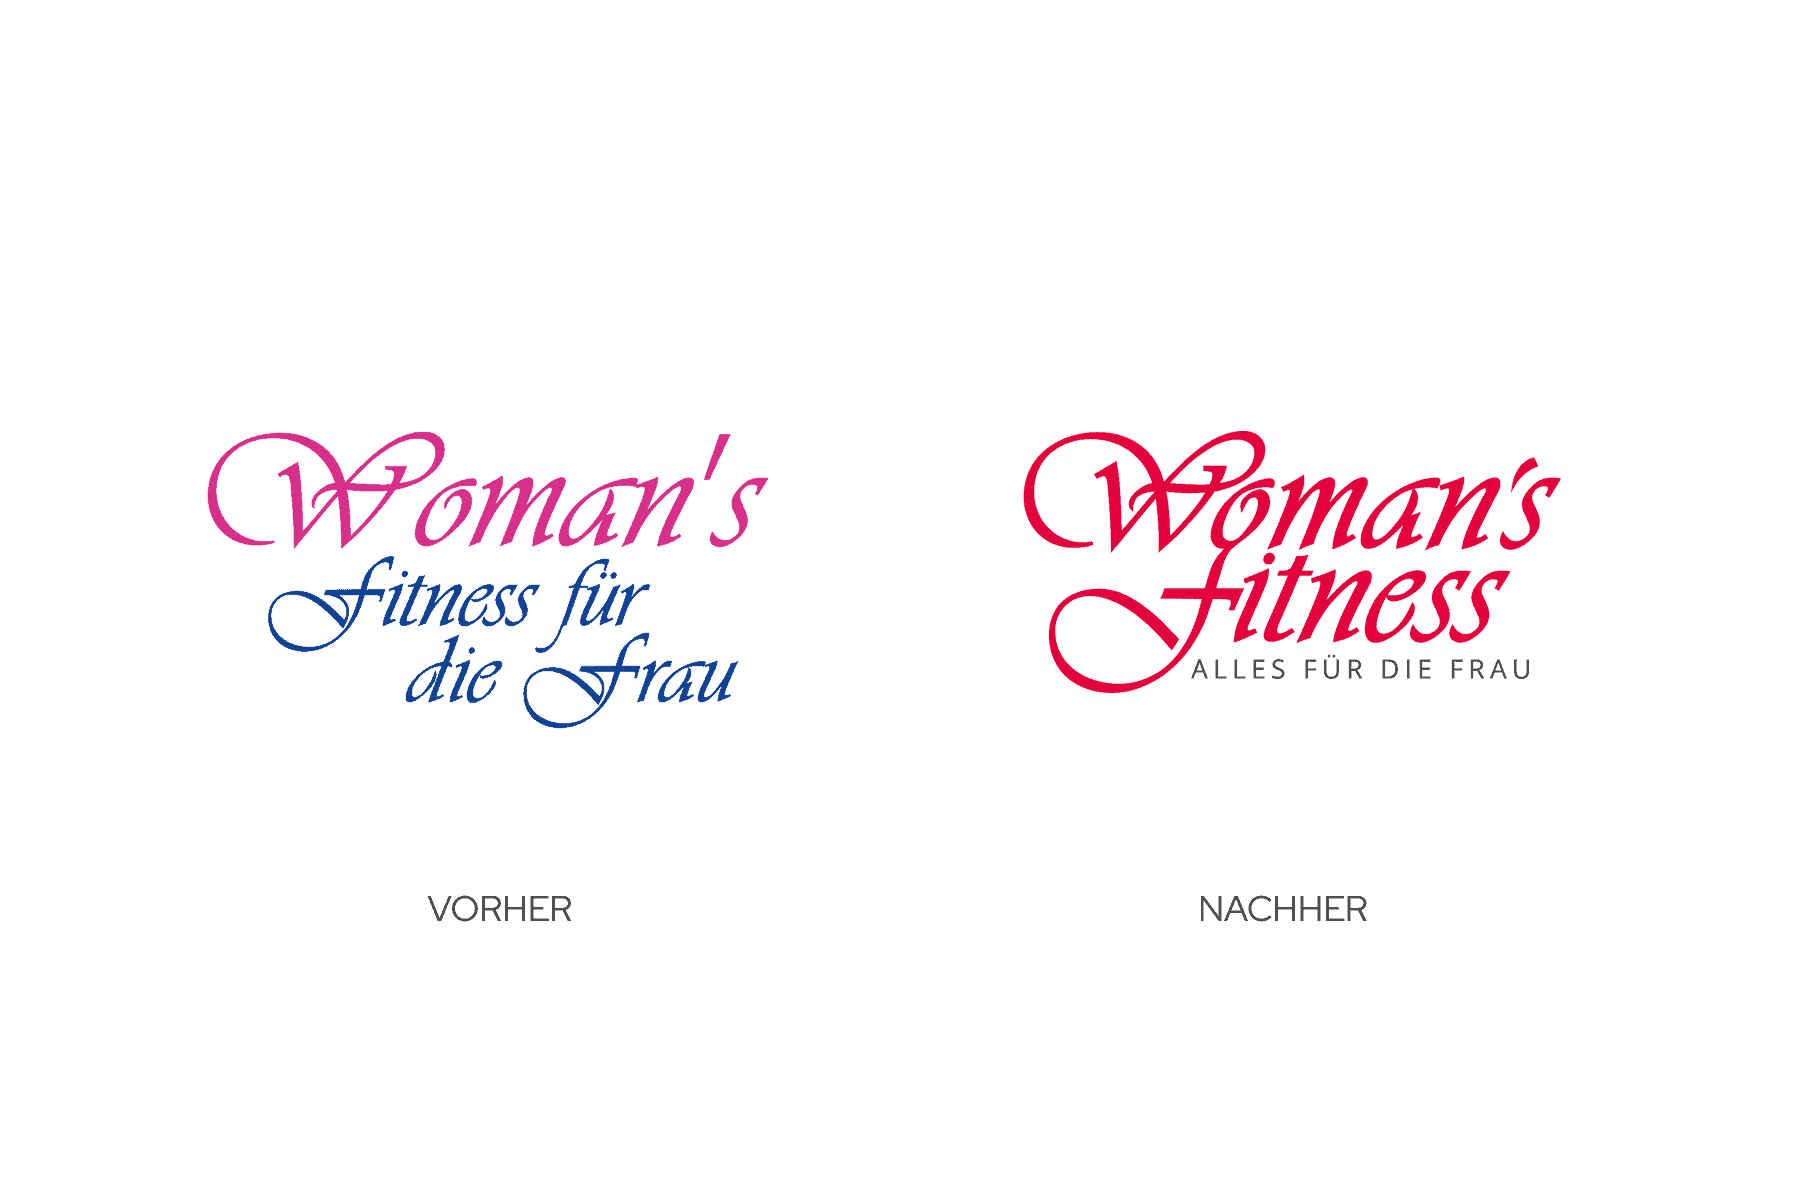 Vergleich Logo nachher Design vorher